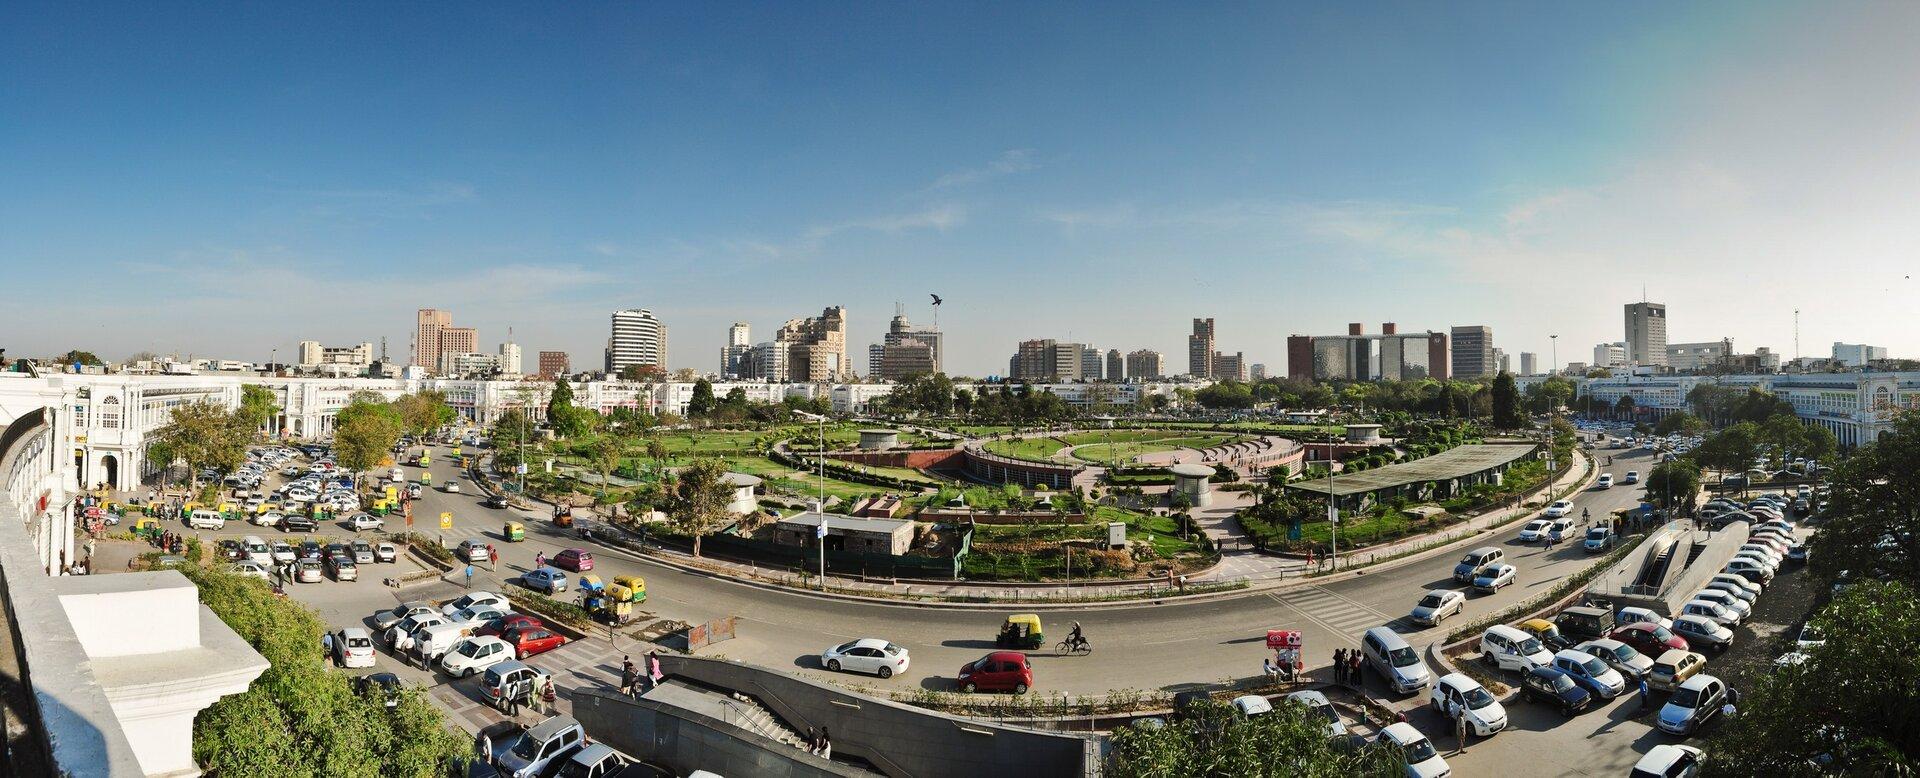 Na zdjęciu nowoczesna zabudowa miejska, ulice iparkingi.